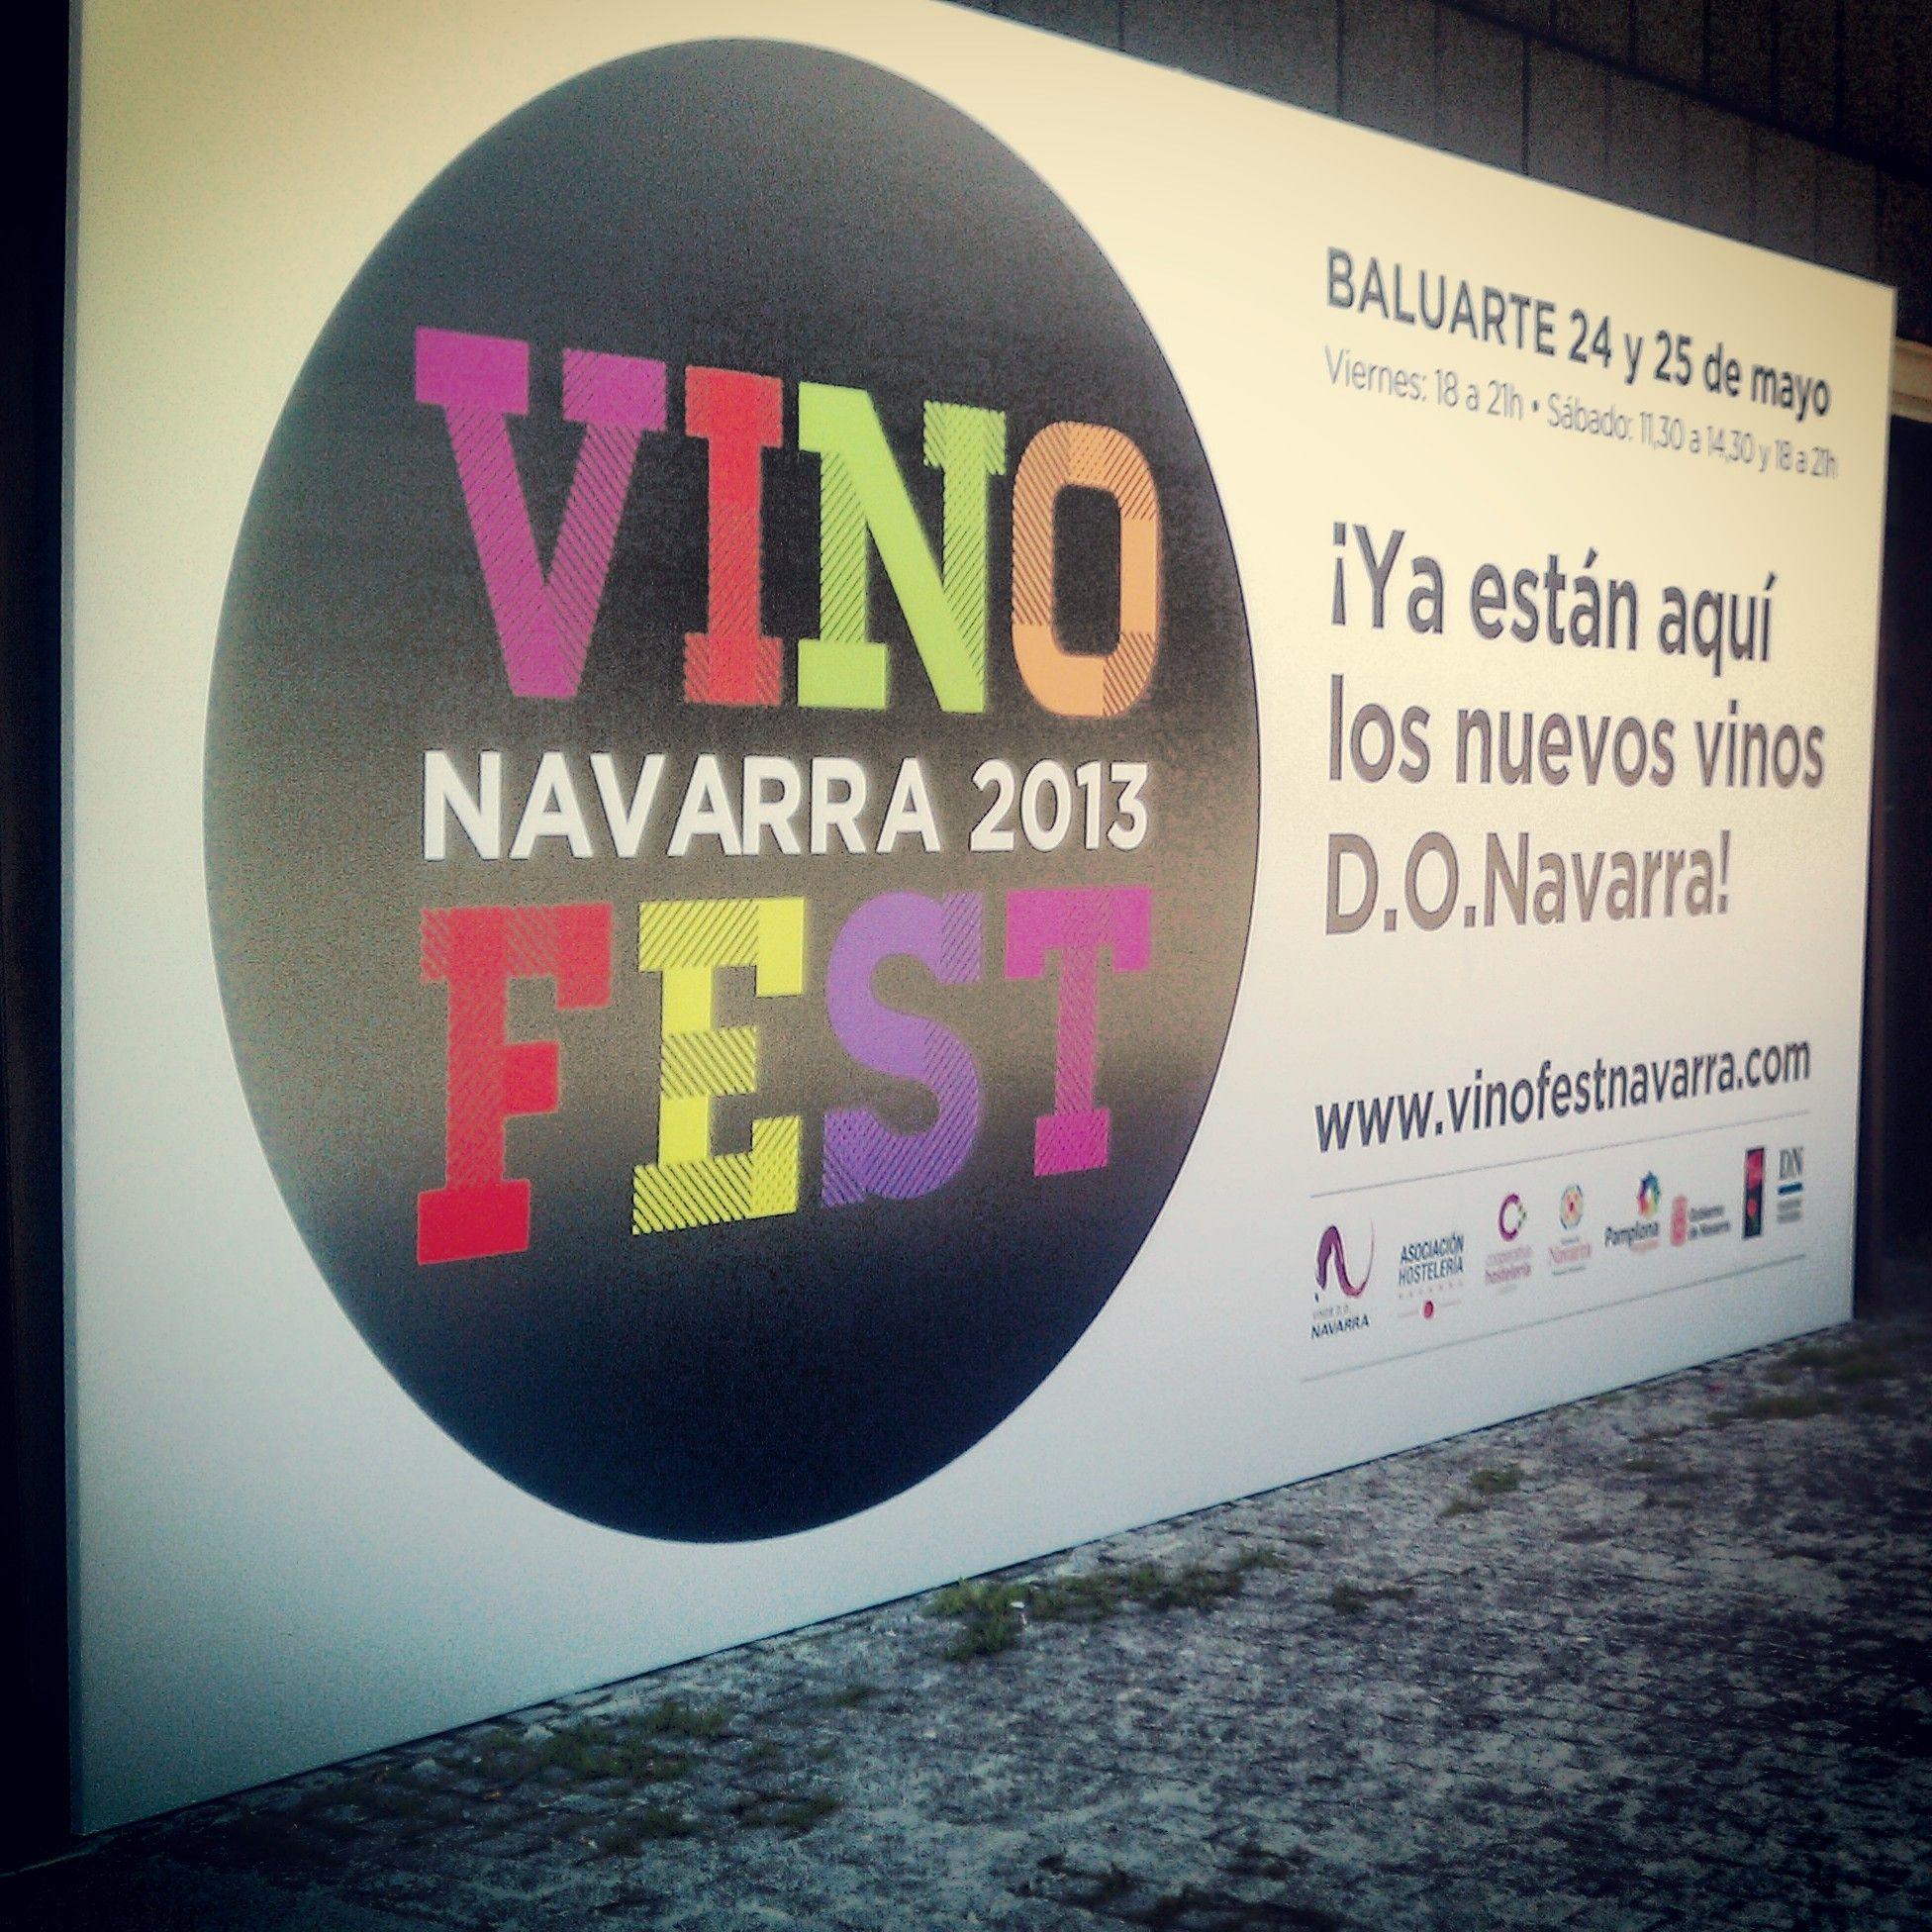 Vinofest Navarra llega a Pamplona. Baluarte acoge la muestra degustación con 20 bodegas.